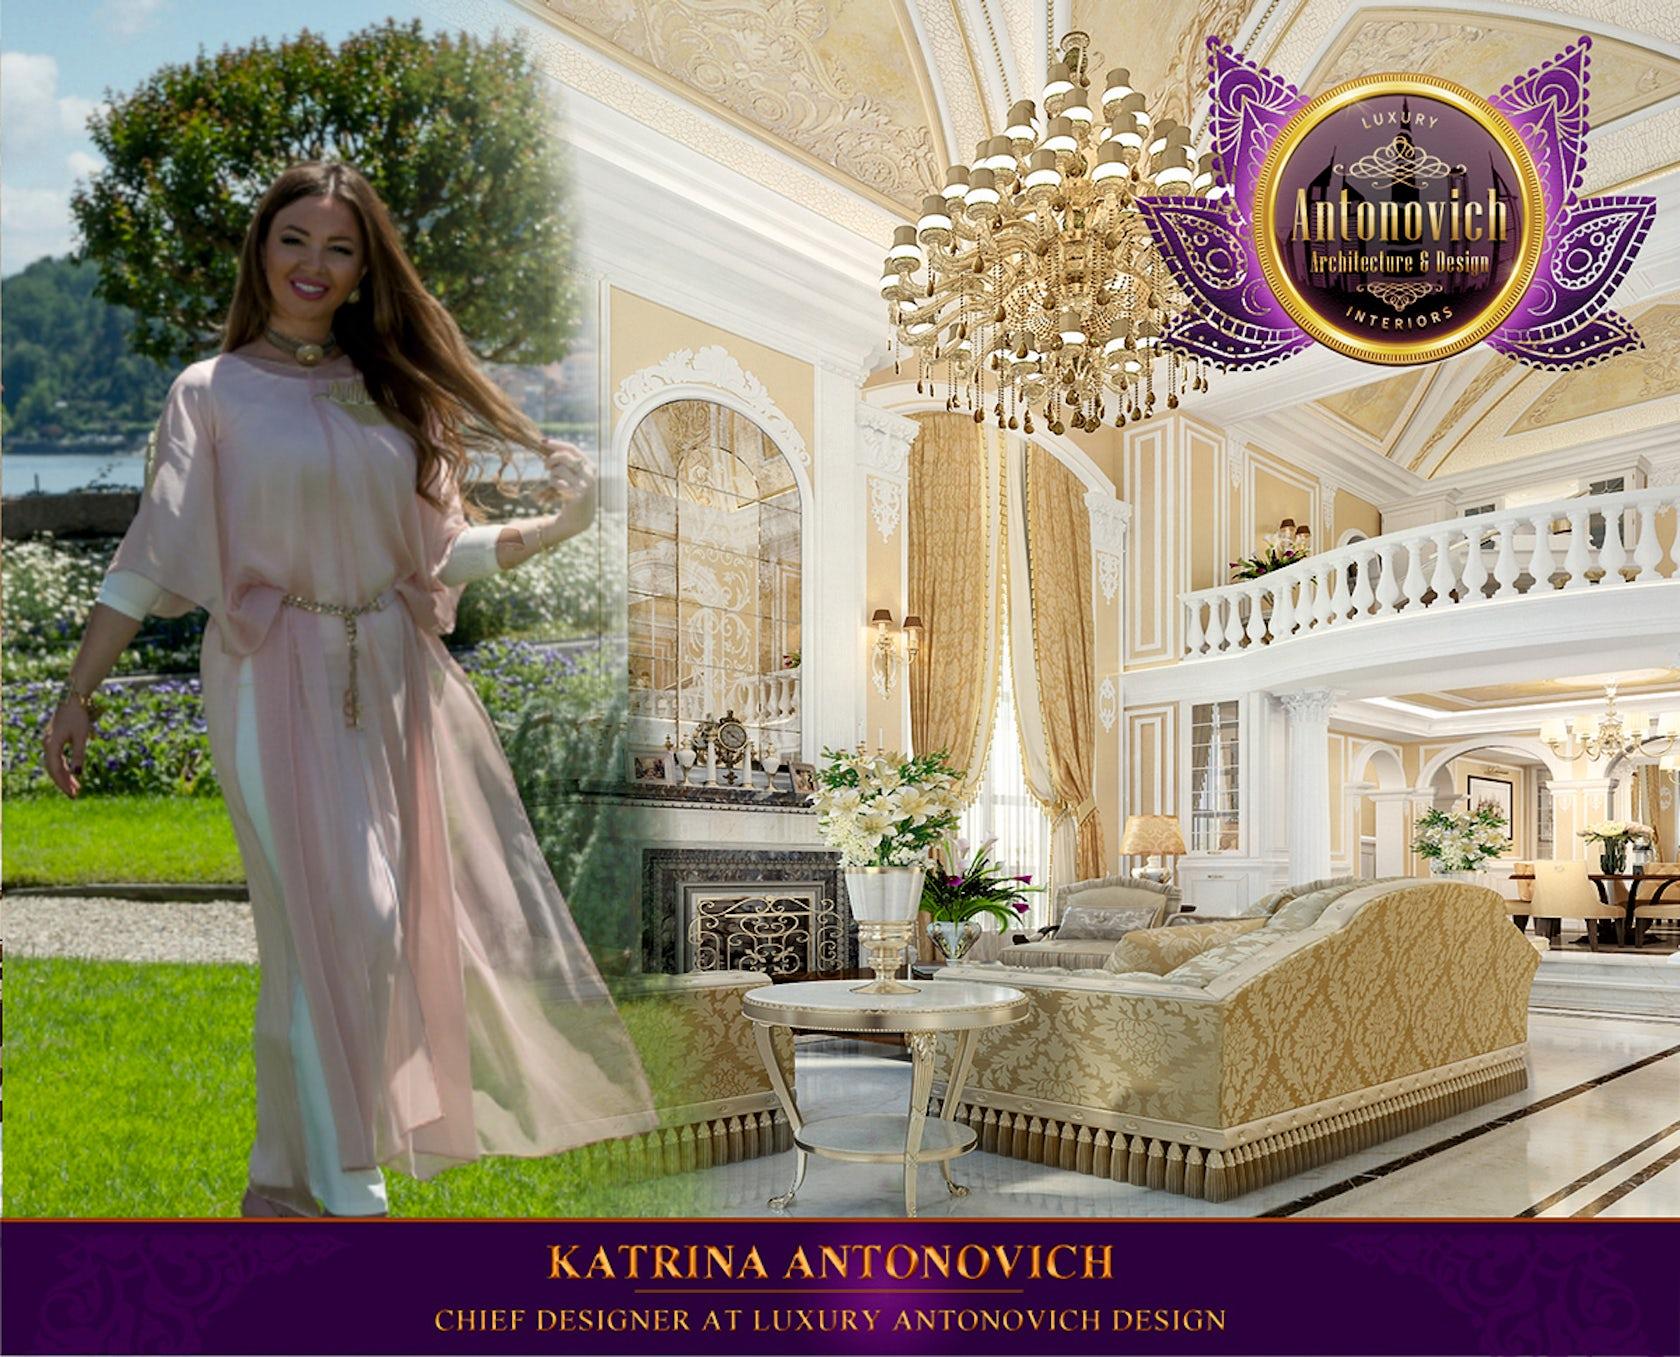 Kitchen Design Usa By Katrina Antonovich: Villa Design In Runda Area, Nairobi By Luxury Antonovich